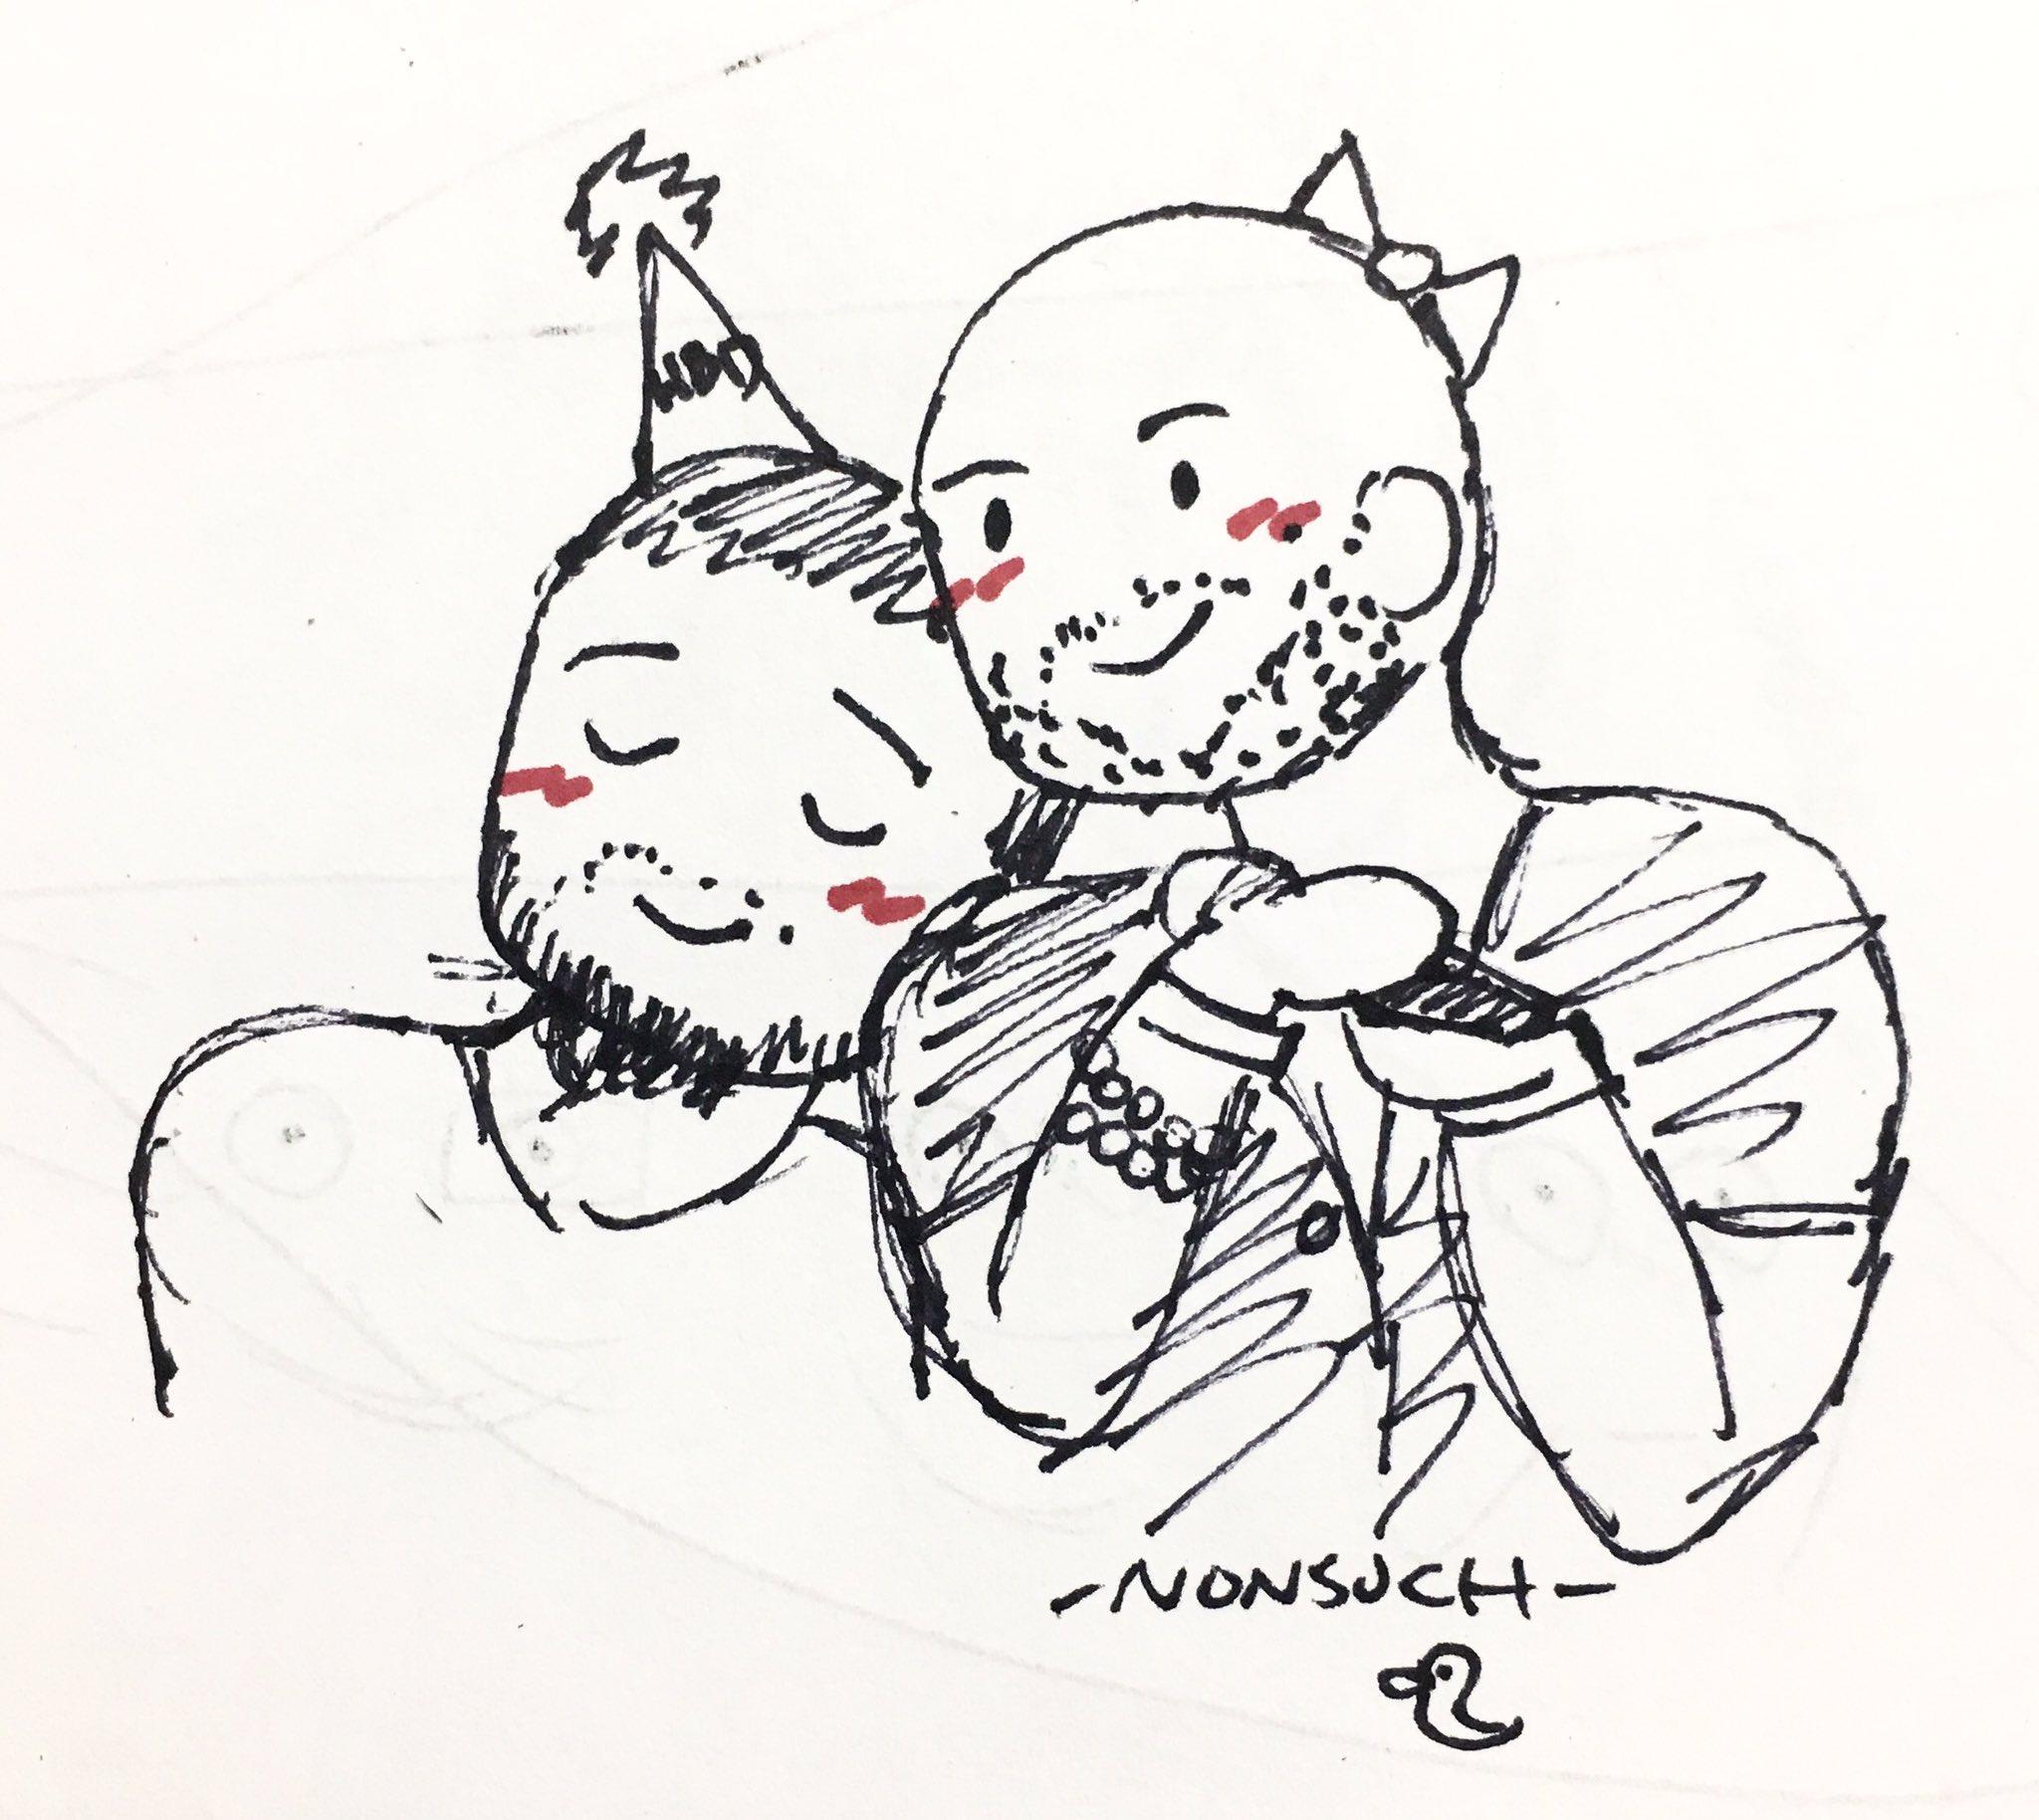 RT @NonsuchTheFirst: @MrRickyWhittle @schreiber_pablo happy birthday! I loved you in @ThumperMovie btw 😊 https://t.co/qAHUJHfUyR